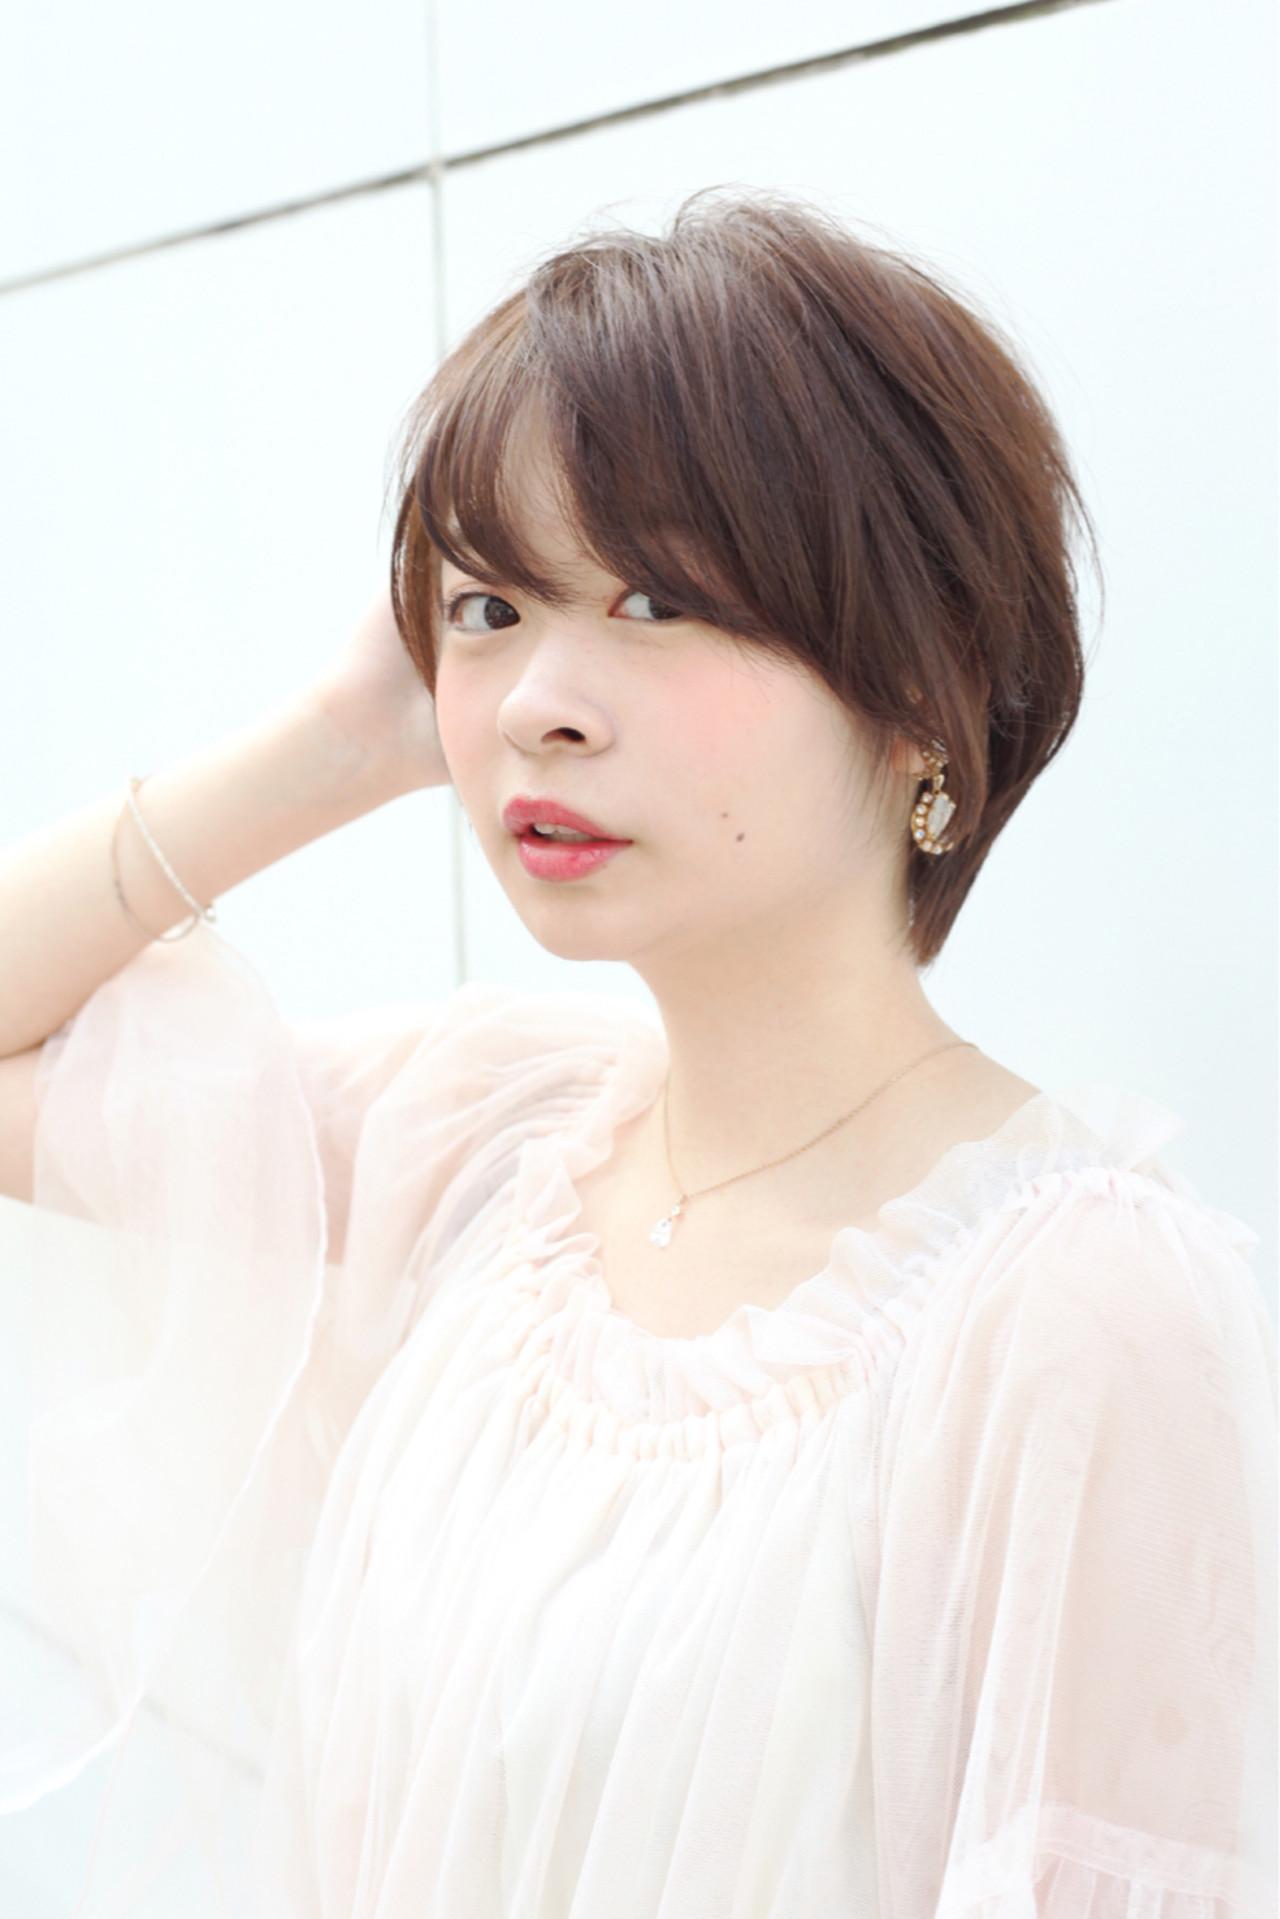 似合わせ 色気 ショート ボブ ヘアスタイルや髪型の写真・画像 | Hiroさん / H+by Airsalon